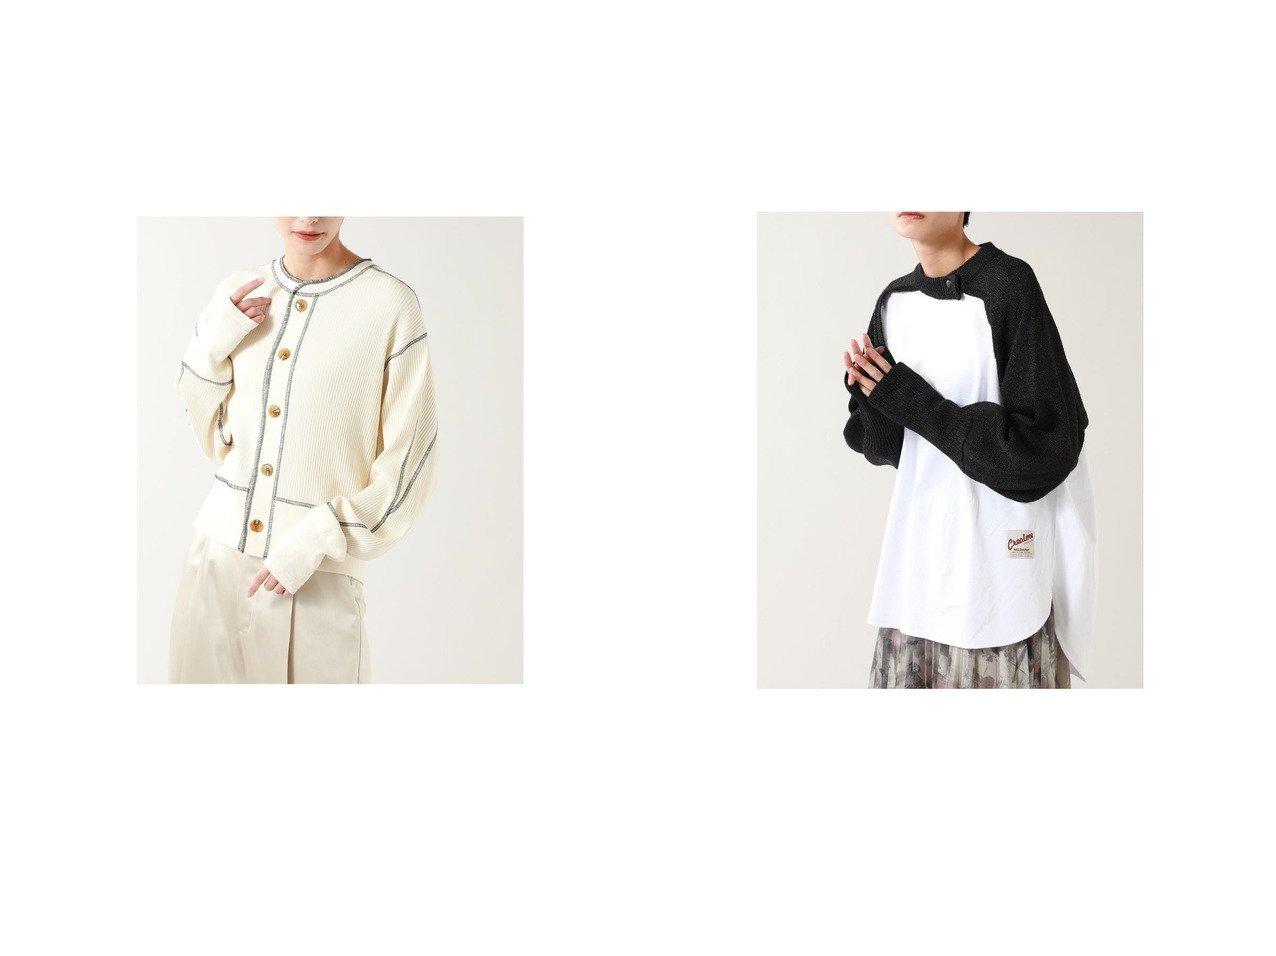 【ROSE BUD/ローズバッド】のラメニットボレロ&バイカラーステッチリブカーディガン ROSE BUDのおすすめ!人気、トレンド・レディースファッションの通販 おすすめで人気の流行・トレンド、ファッションの通販商品 メンズファッション・キッズファッション・インテリア・家具・レディースファッション・服の通販 founy(ファニー) https://founy.com/ ファッション Fashion レディースファッション WOMEN トップス Tops Tshirt カーディガン Cardigans アウター Coat Outerwear ボレロ Bolero jackets ニット Knit Tops オレンジ 春 Spring カットソー カーディガン サーマル シンプル スタンダード 羽織 モチーフ A/W 秋冬 AW Autumn/Winter / FW Fall-Winter 2021年 2021 S/S 春夏 SS Spring/Summer 2021 春夏 S/S SS Spring/Summer 2021 サテン ショート ジャケット スリーブ トレンド ボレロ ワンポイント |ID:crp329100000018479